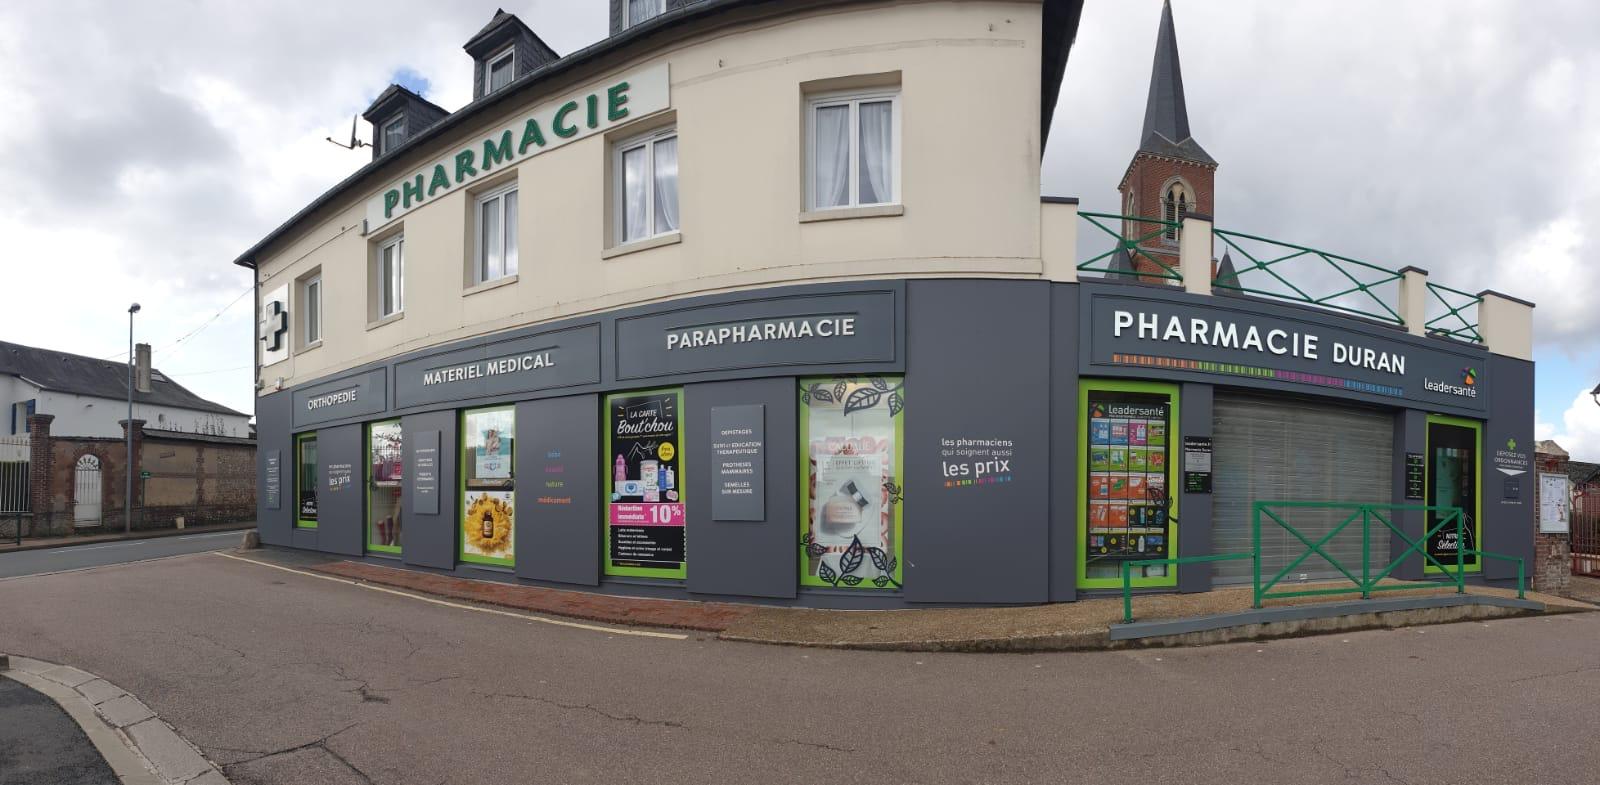 Pharmacie Duran